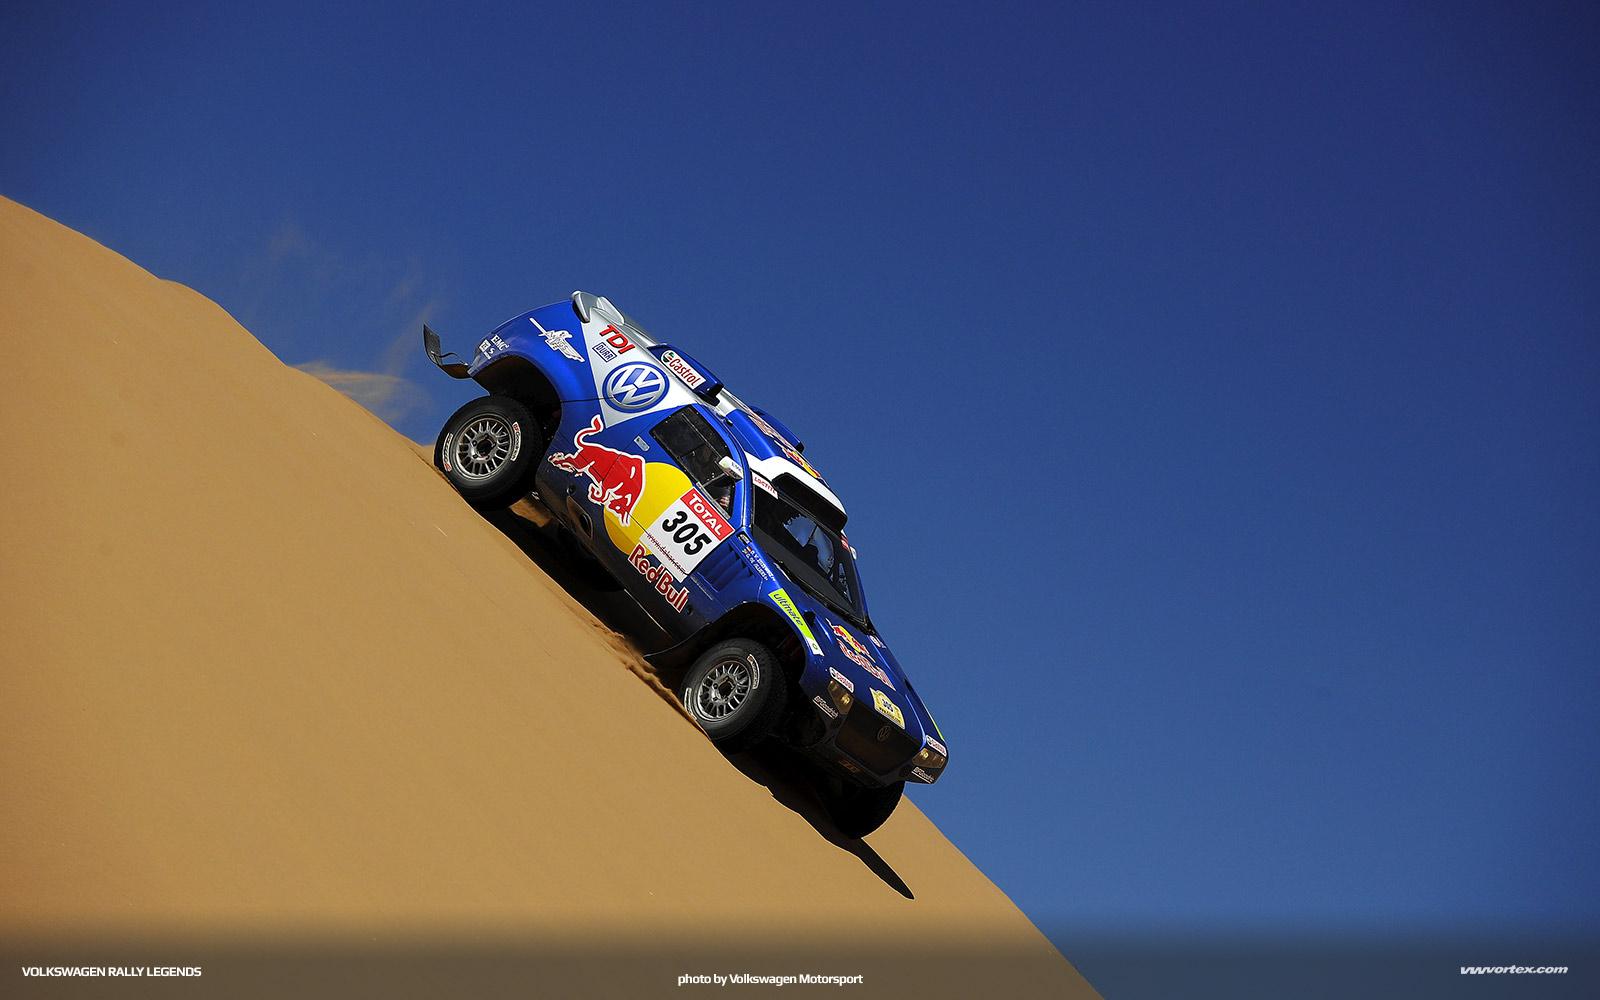 volkswagen-rally-legends-367